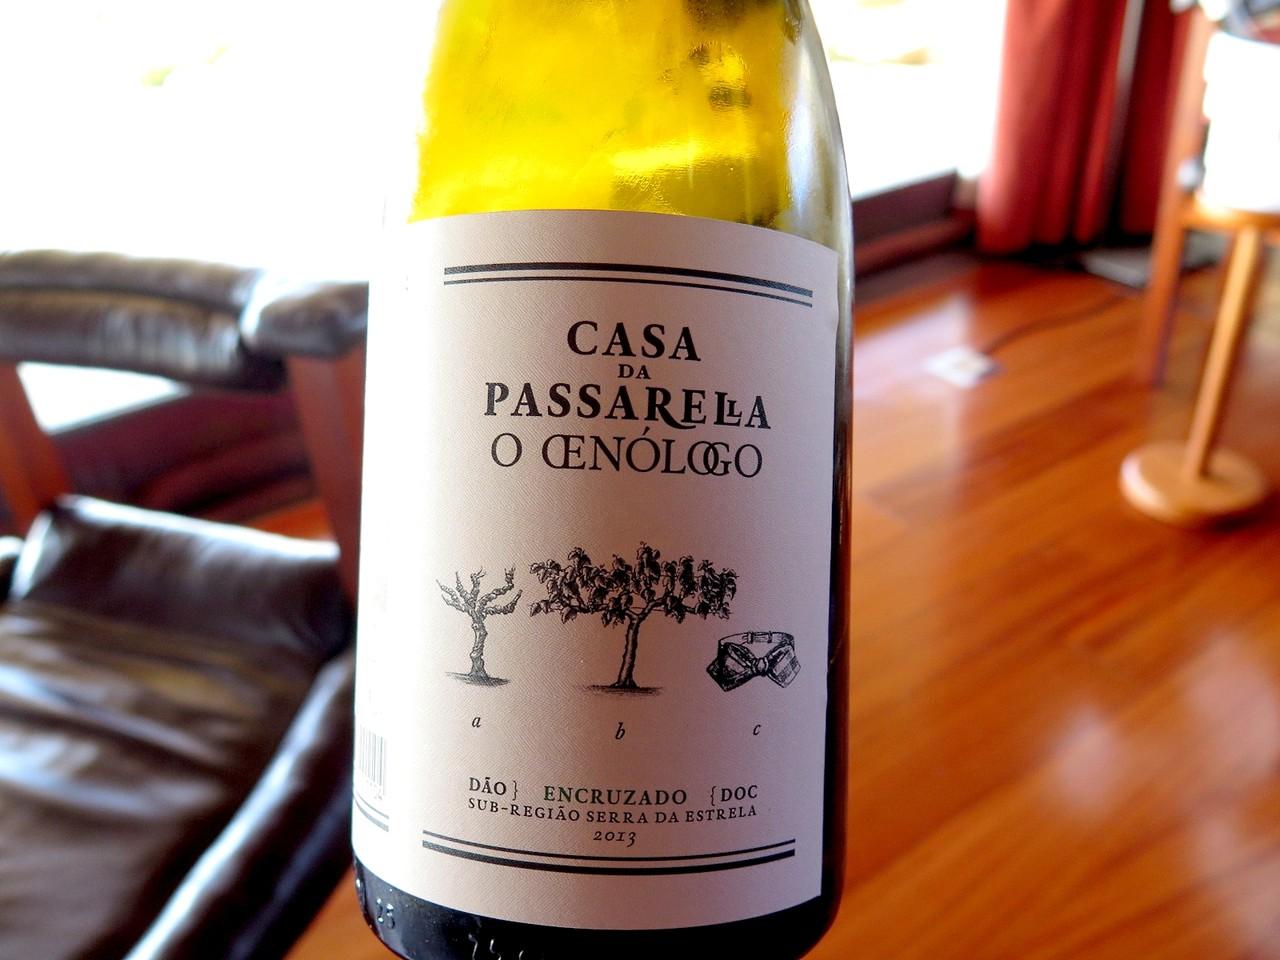 Casa da Passarella O Enólogo Encruzado branco 2013